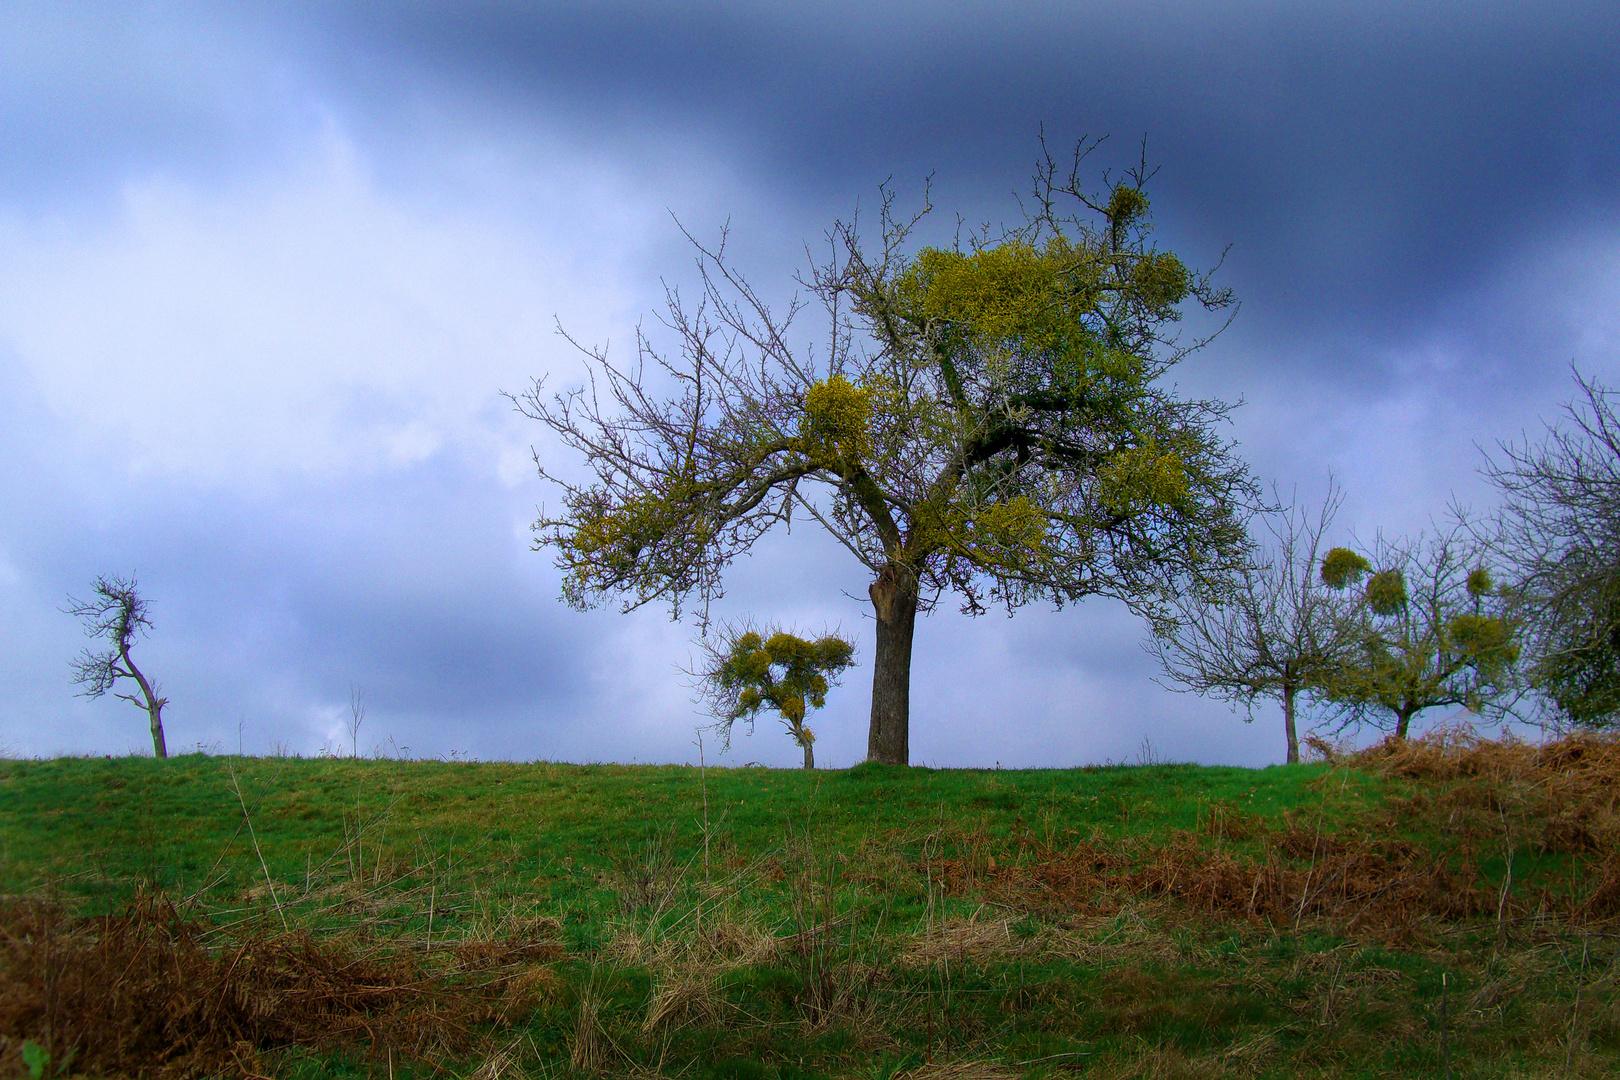 Knorrige Apfelbäume mit Mistelzweigen